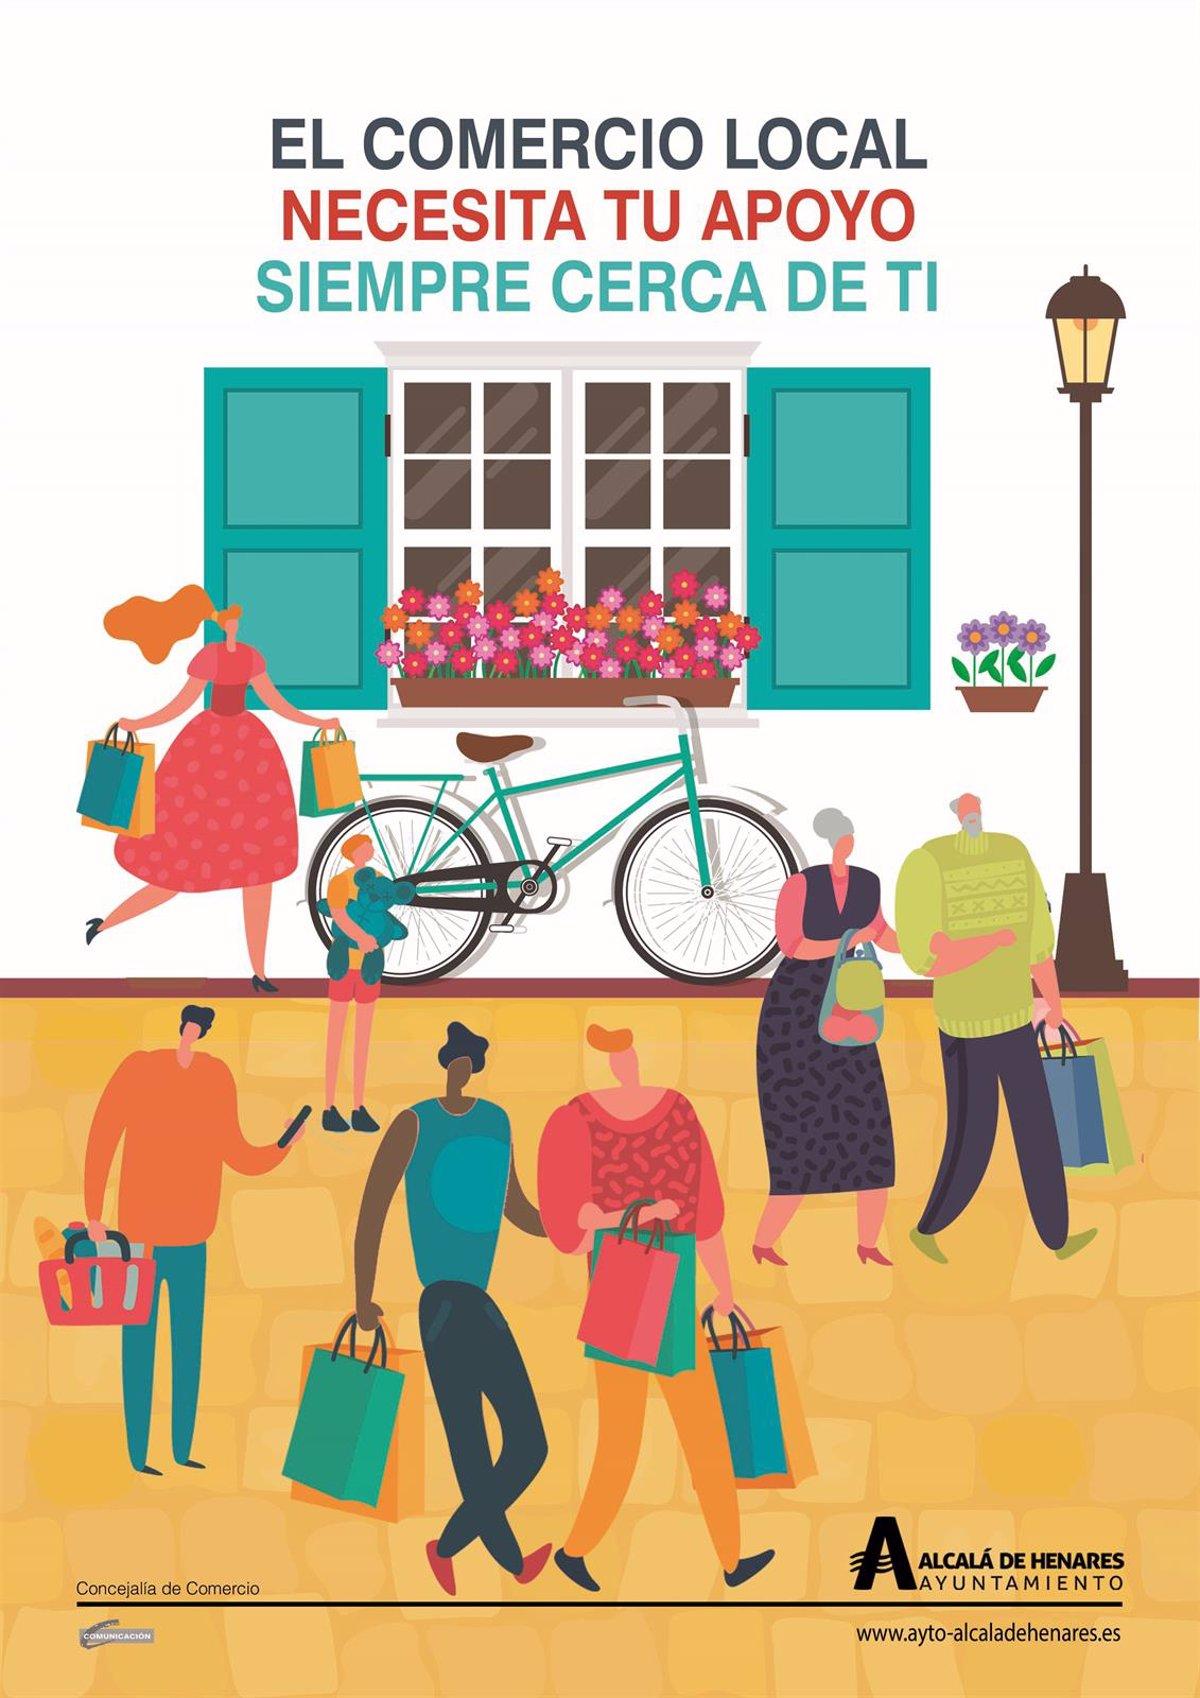 El Ayuntamiento De Alcalá De Henares Pone En Marcha Una Campaña Para Apoyar El Comercio Local